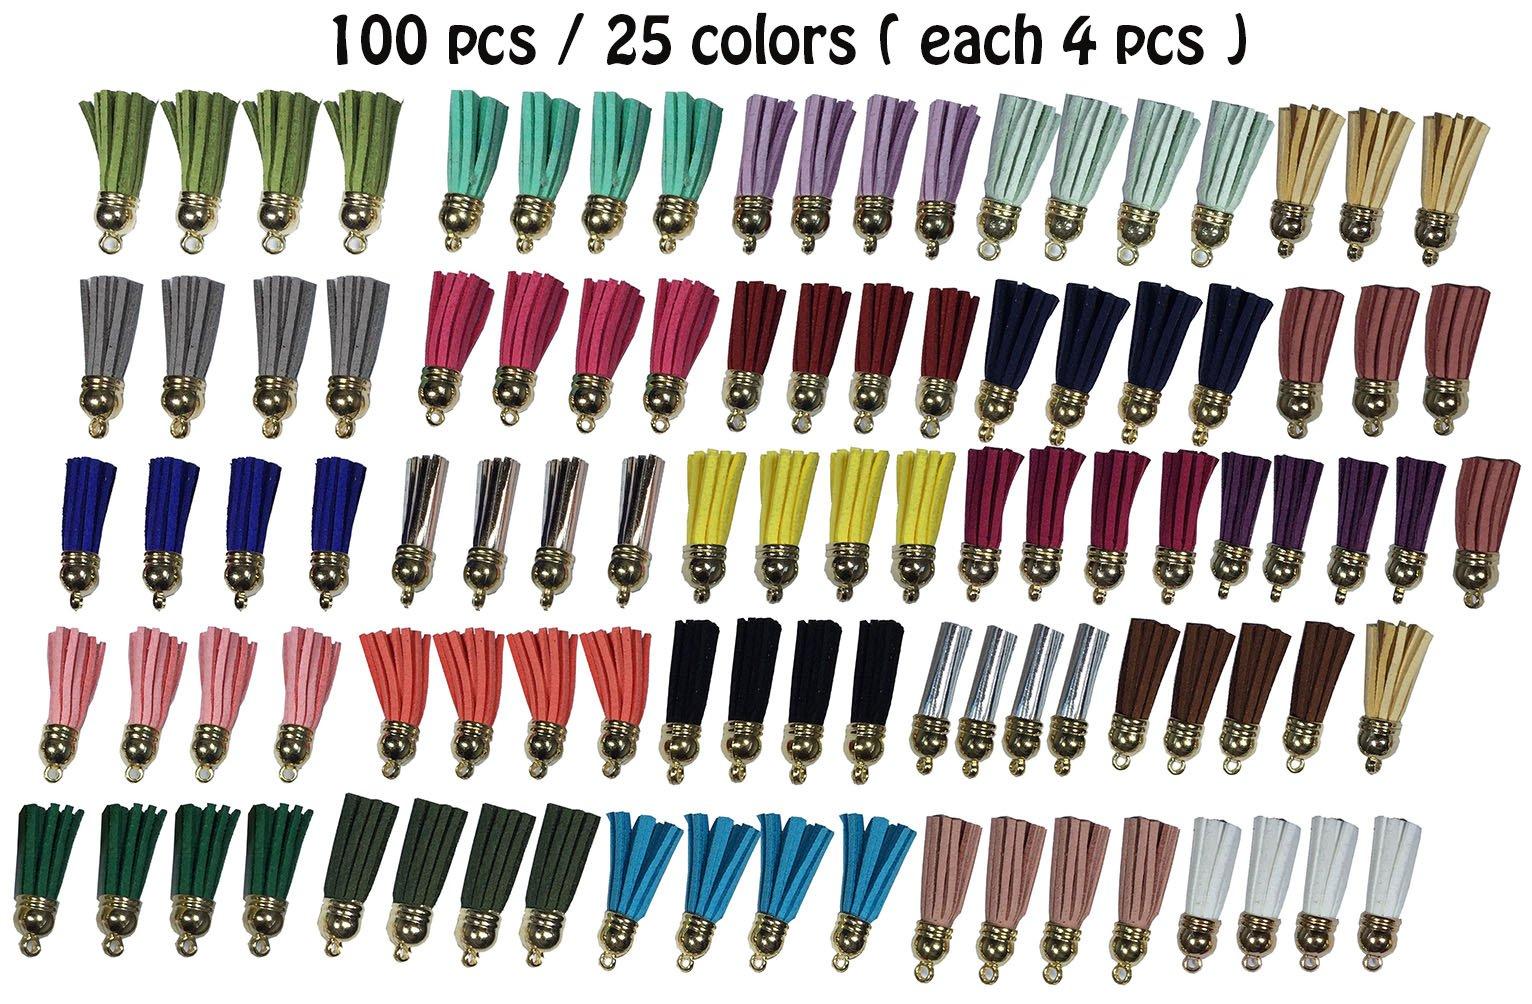 levylisa 100pcs 25 Colors Suede Tassels Pendant,Colorful Tassel with Gold Cap,Fringe Tassels,Faux Leather Tassels Charms,Suede Leather Tassel Charm,Necklace Pendant (Multicolored)